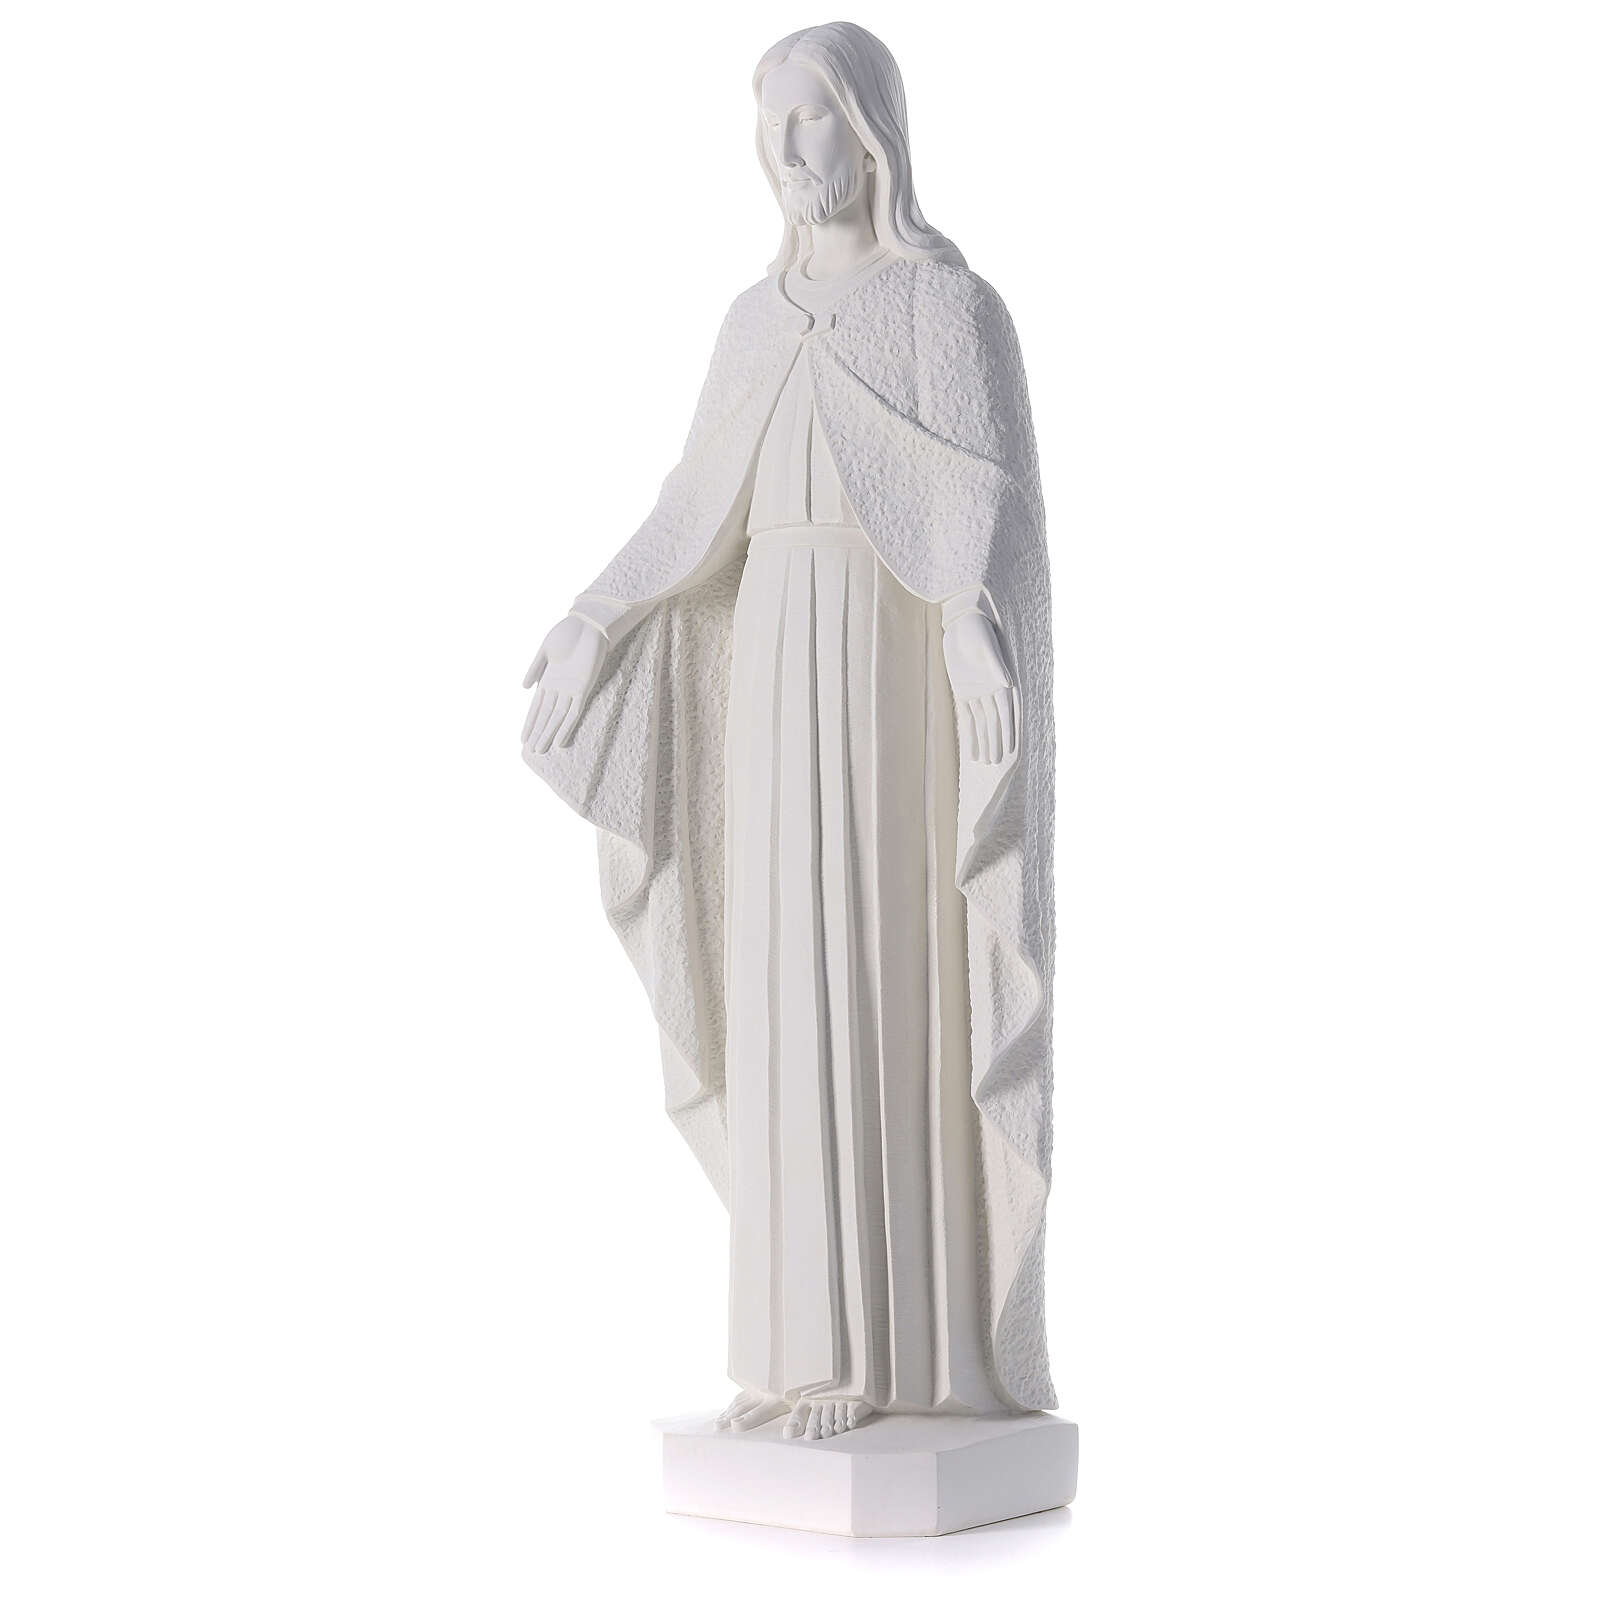 Redentore 110 cm polvere di marmo bianco 4